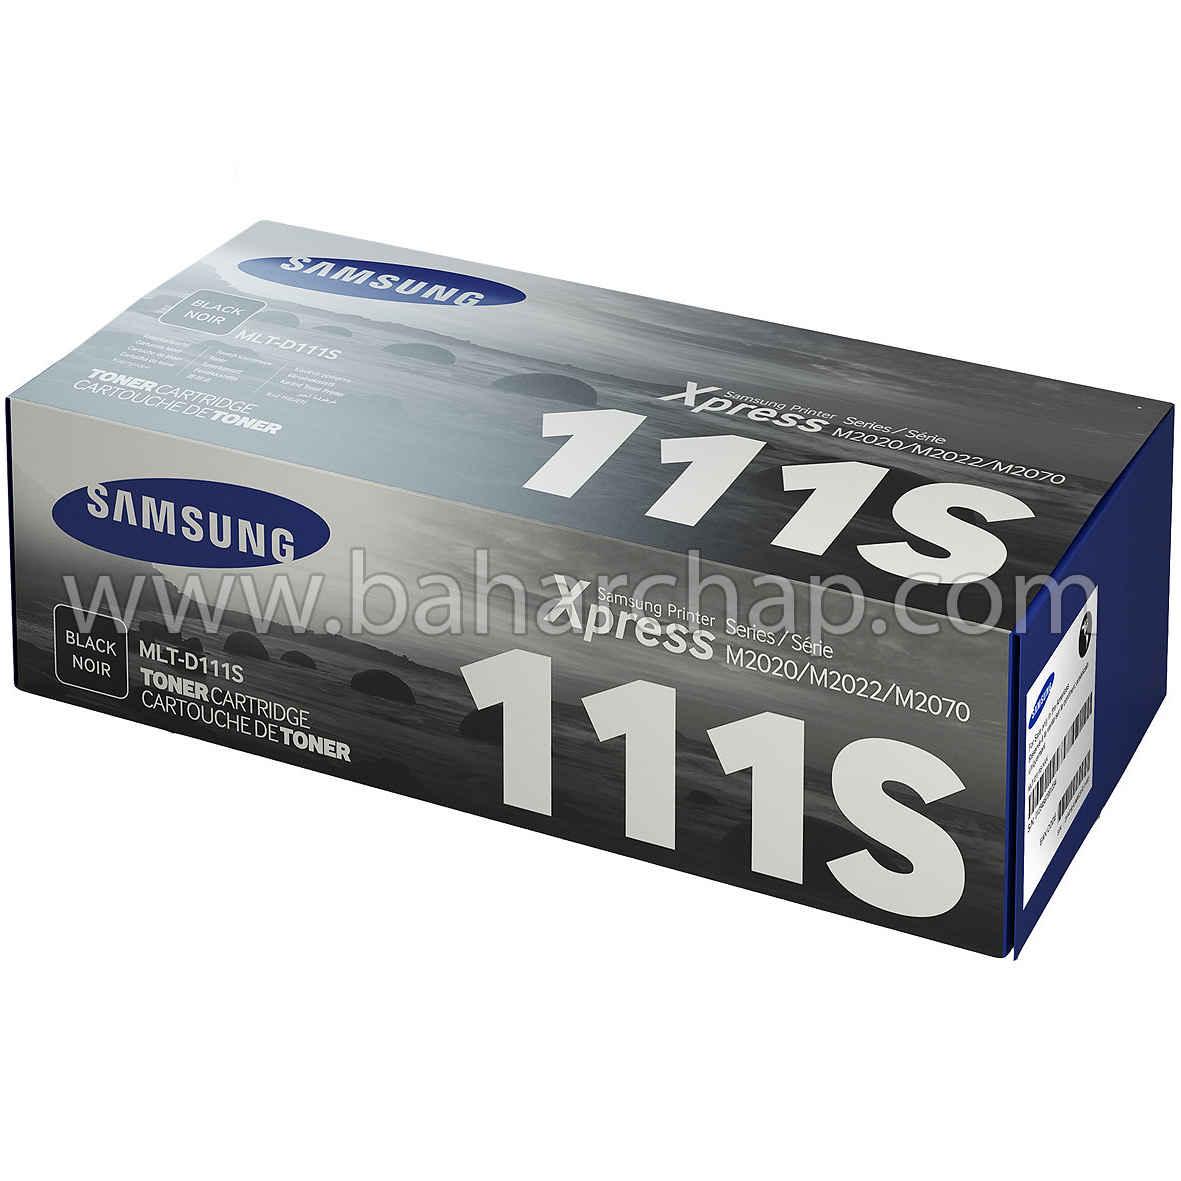 فروشگاه و خدمات اینترنتی بهارچاپ اصفهان-کارتریج 111 ال سامسونگ -Samsung 111L cartridge